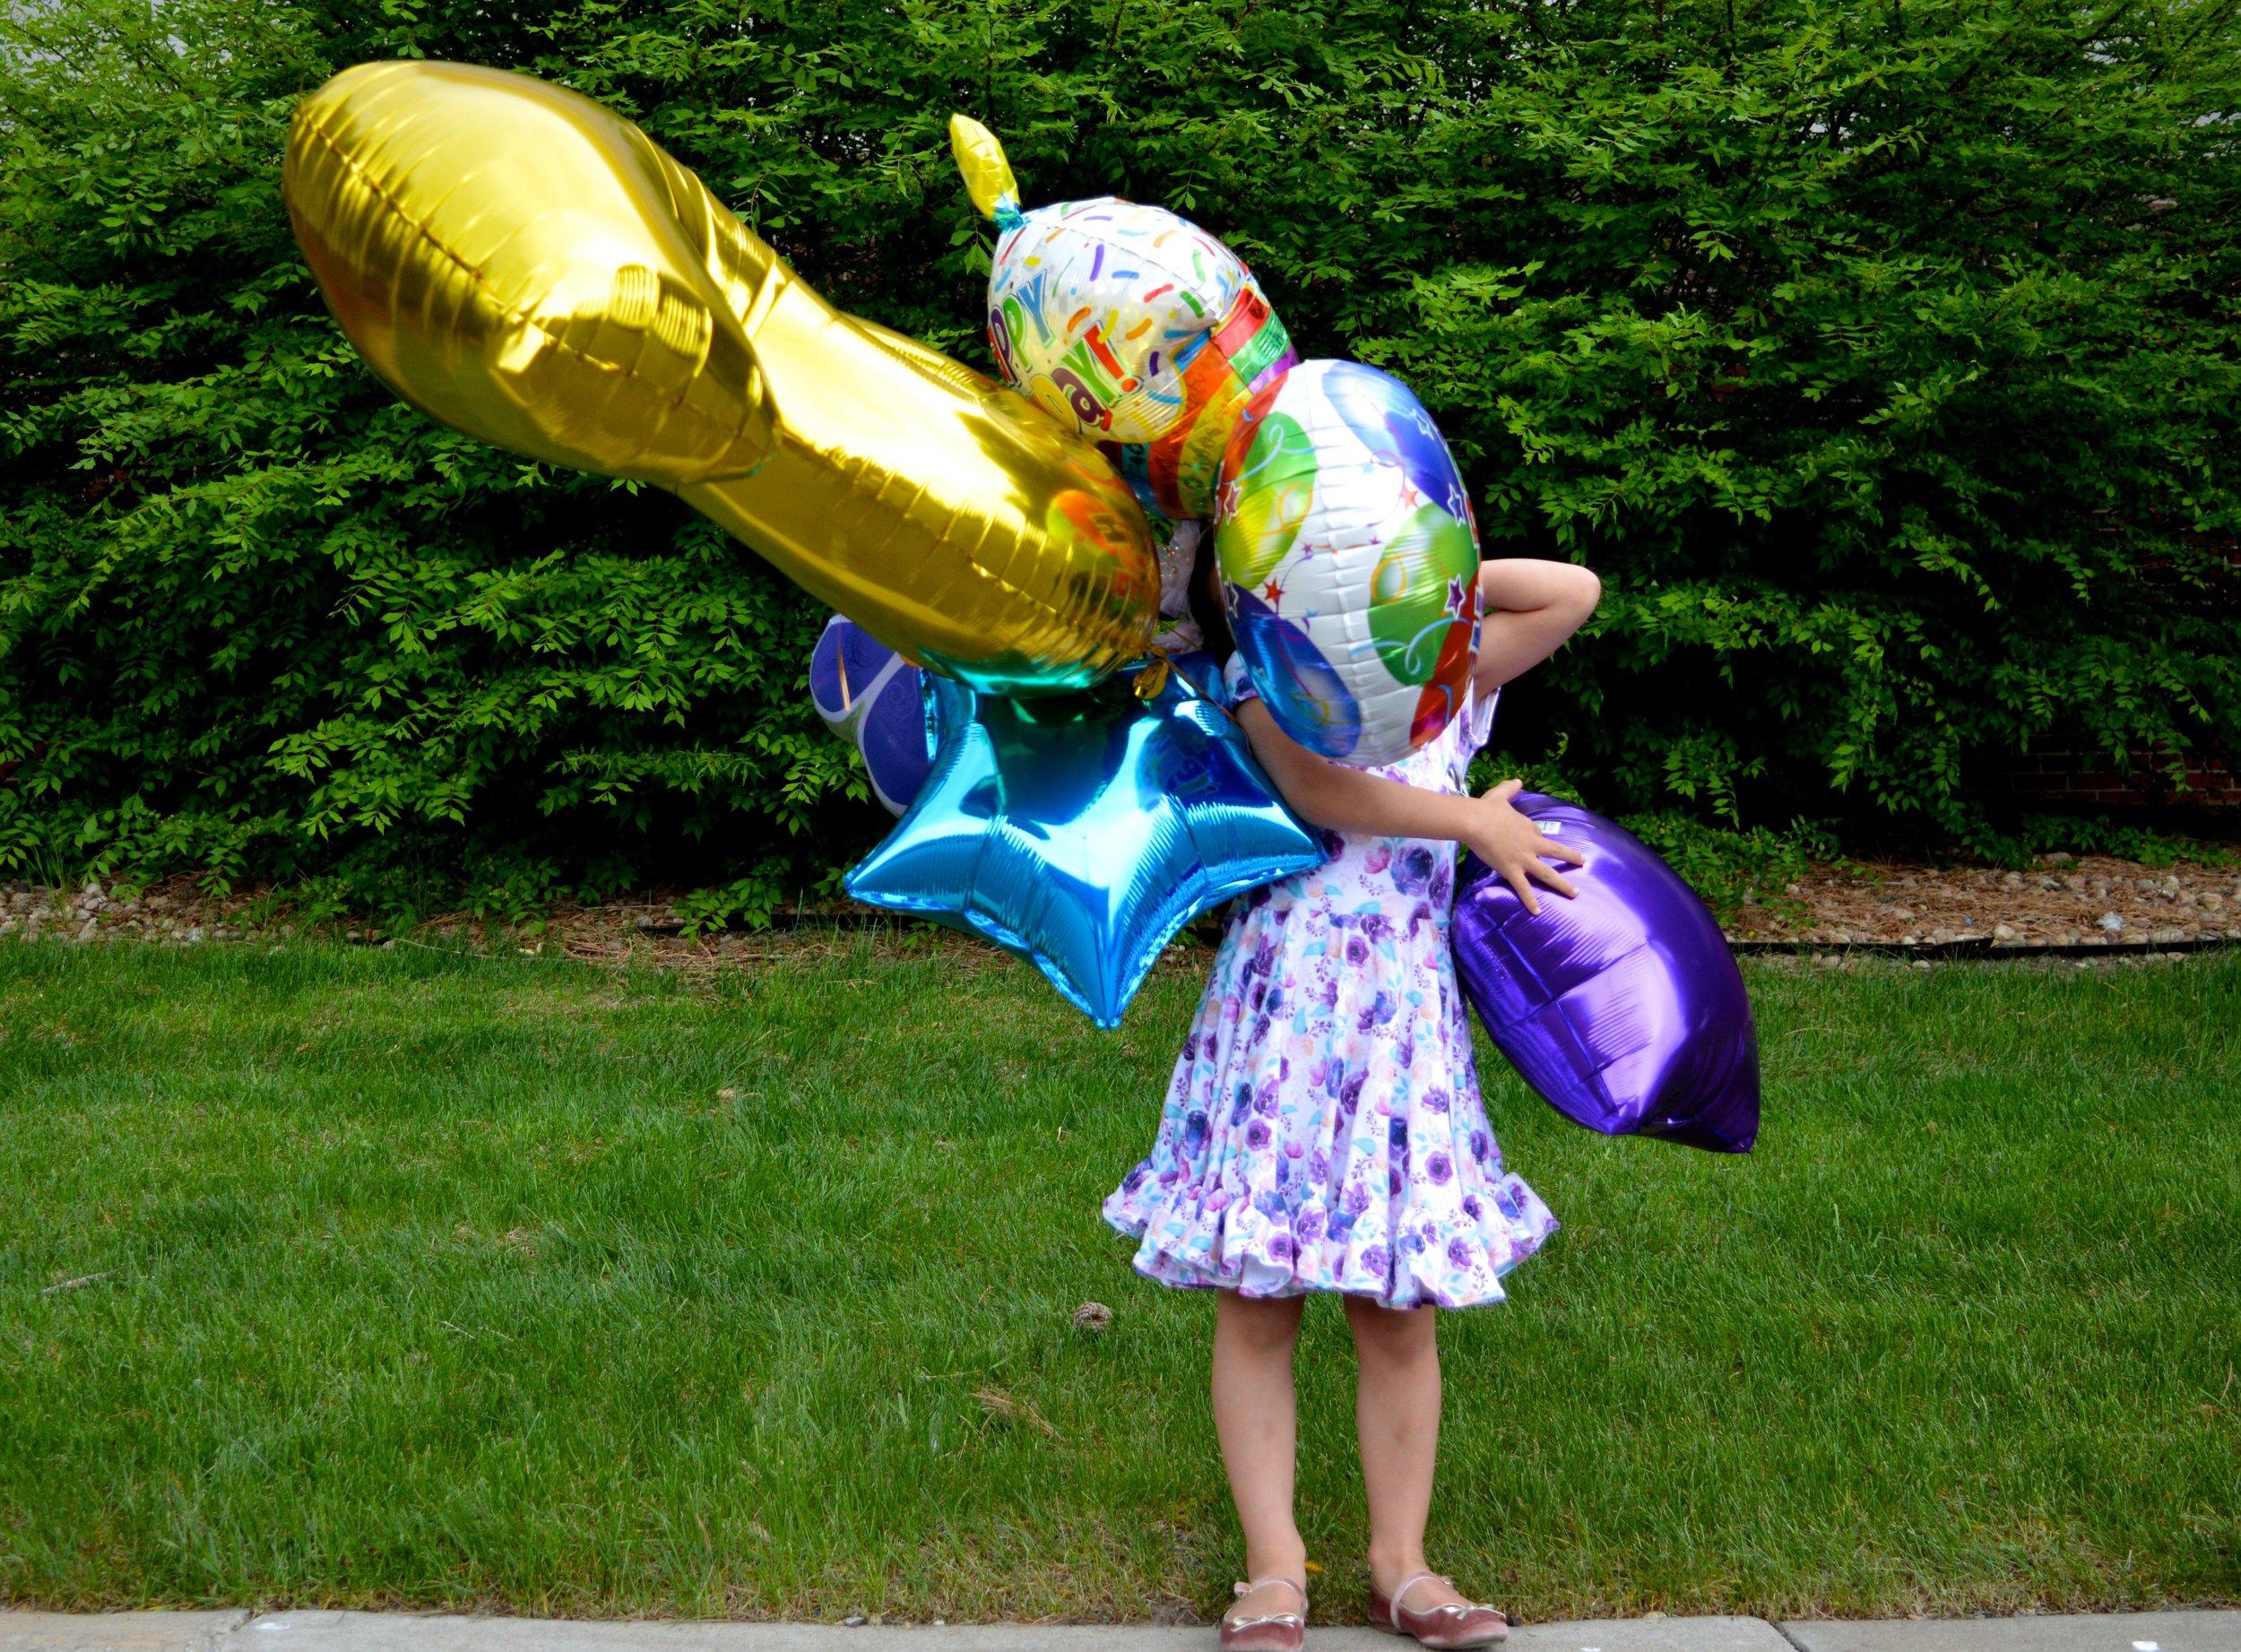 Spider Monkey Birthday Balloons 5.jpg